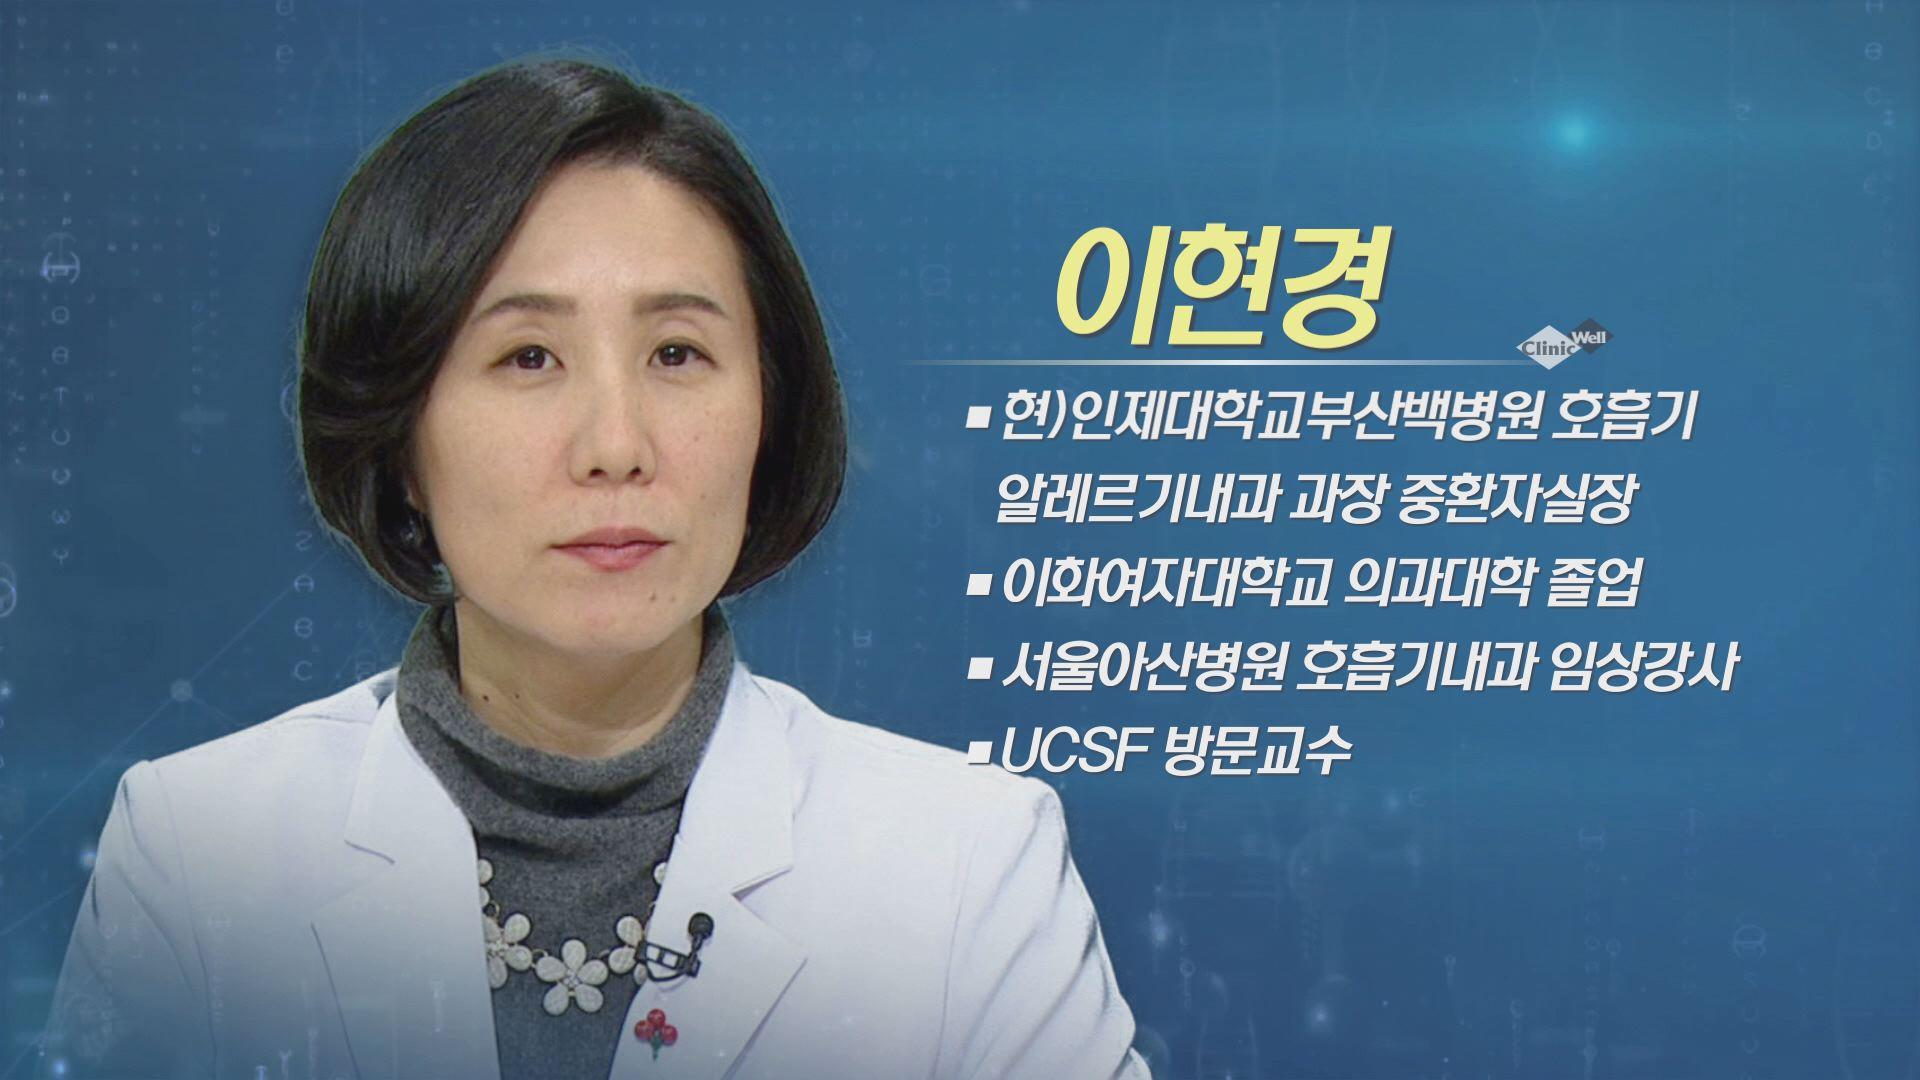 (12/30 방영) 호흡기질환(이현경/인제대학교부산백병원 호흡기알레르기내과 과장 중환자실장)